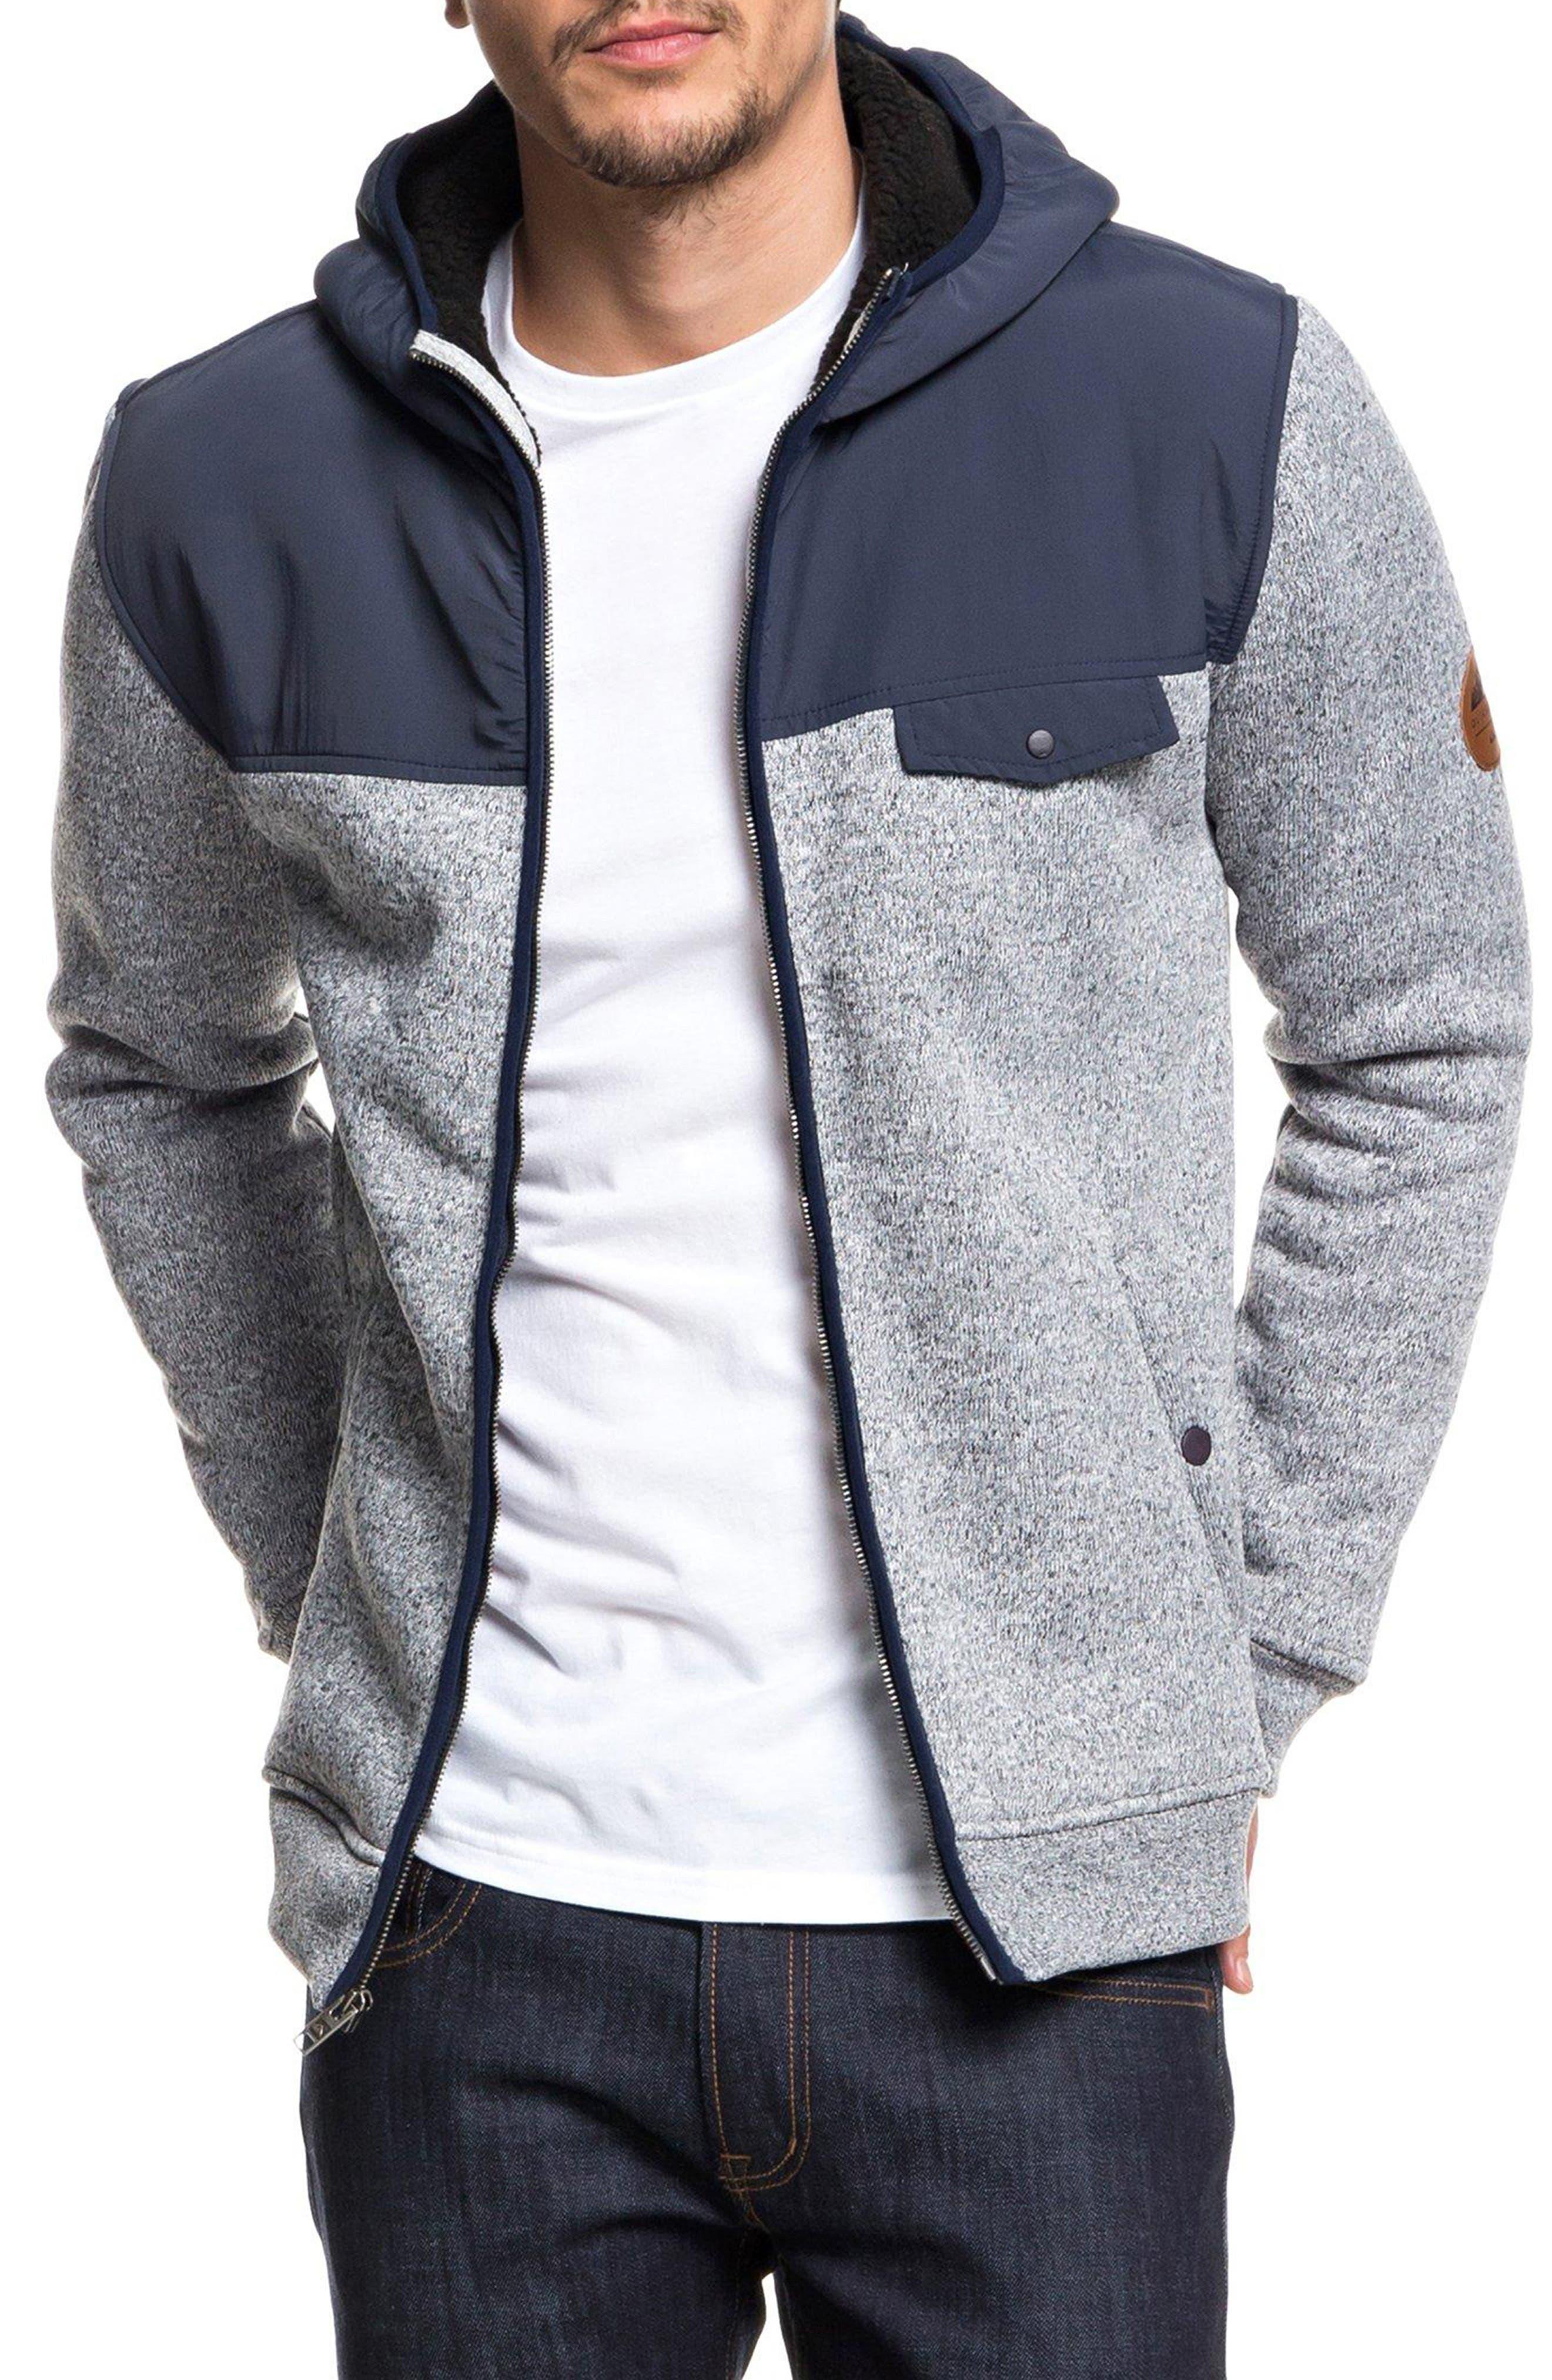 Keller Mix Hooded Jacket,                         Main,                         color, 401